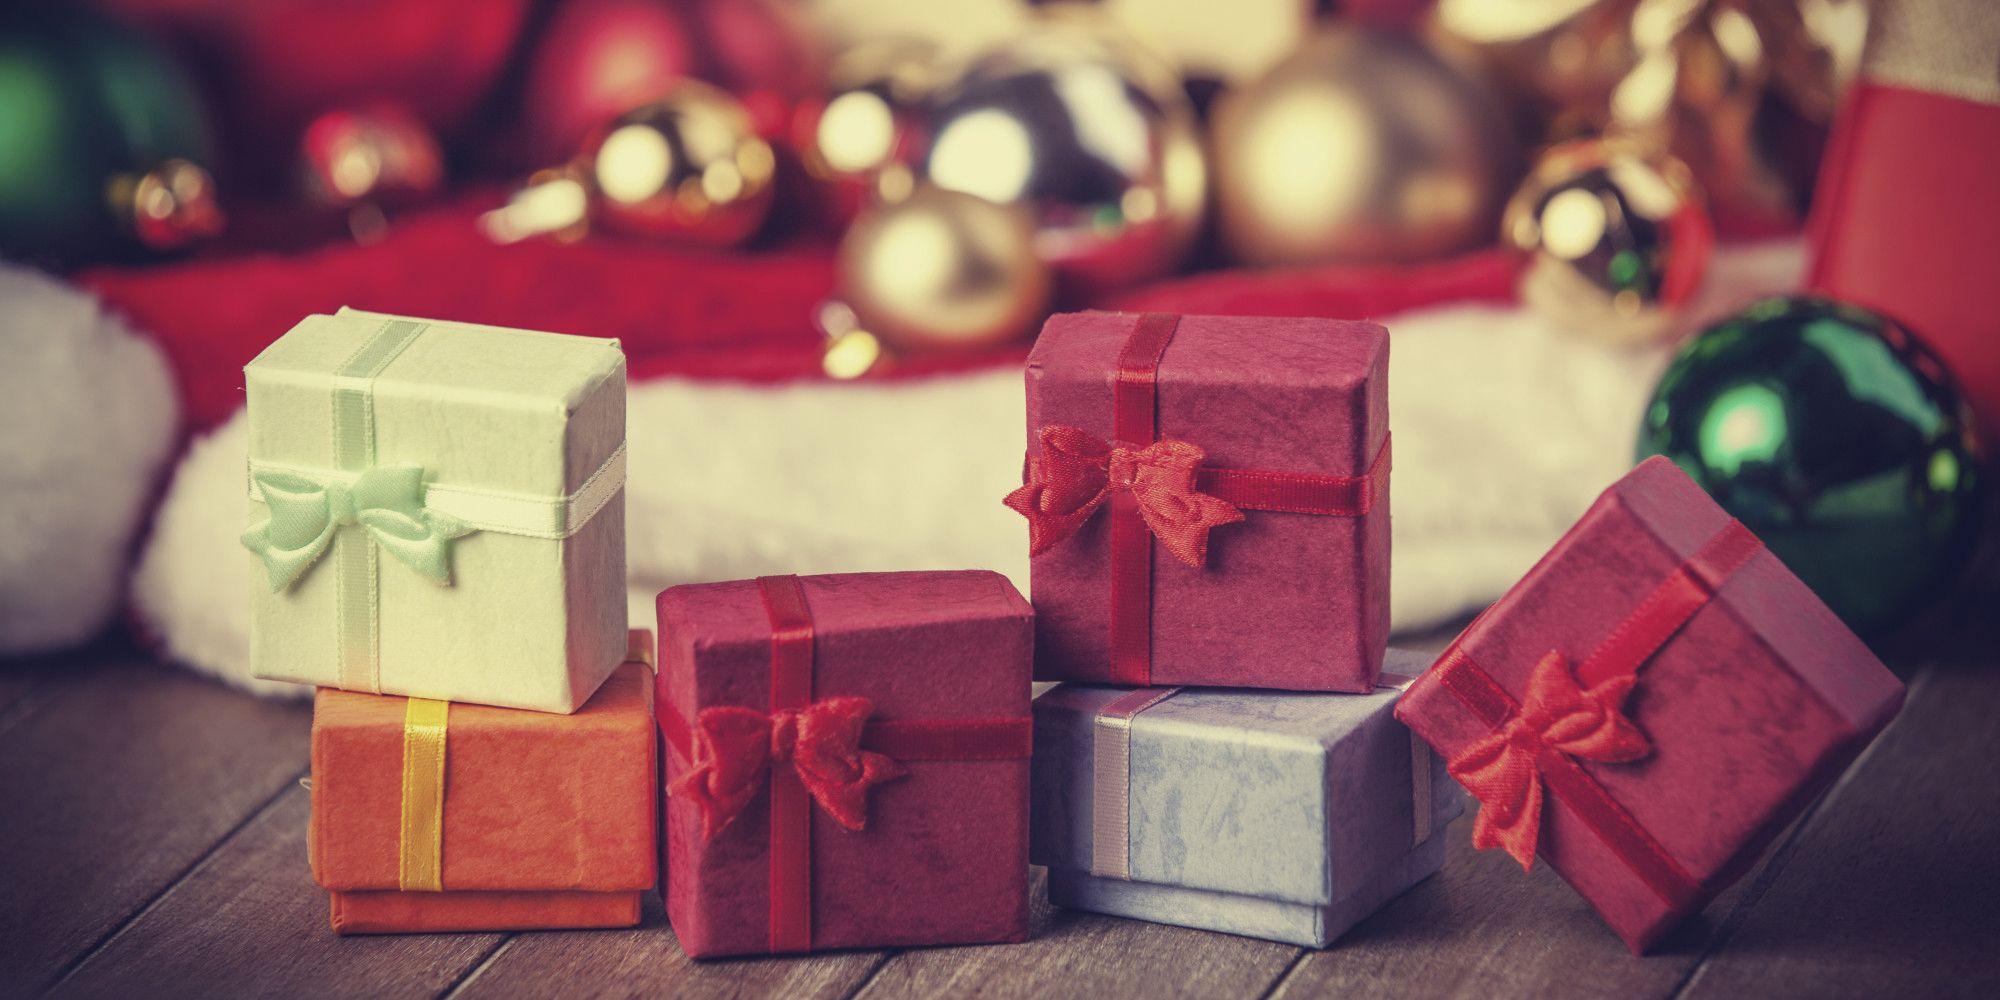 Top 5 Christmas Gifts for Photographers - Nikolay Nyagolov ...